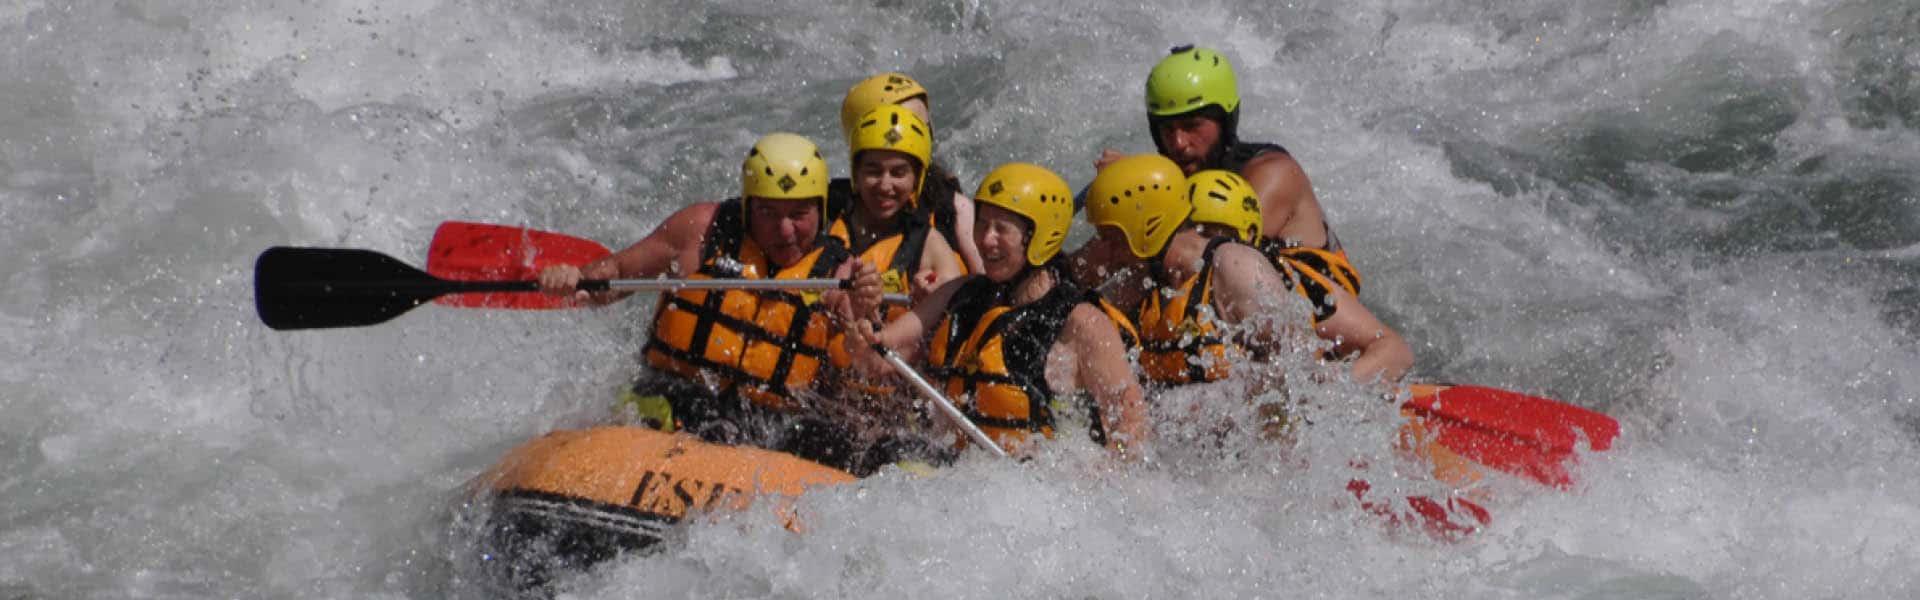 Pack actividades de aventura en Primavera 7